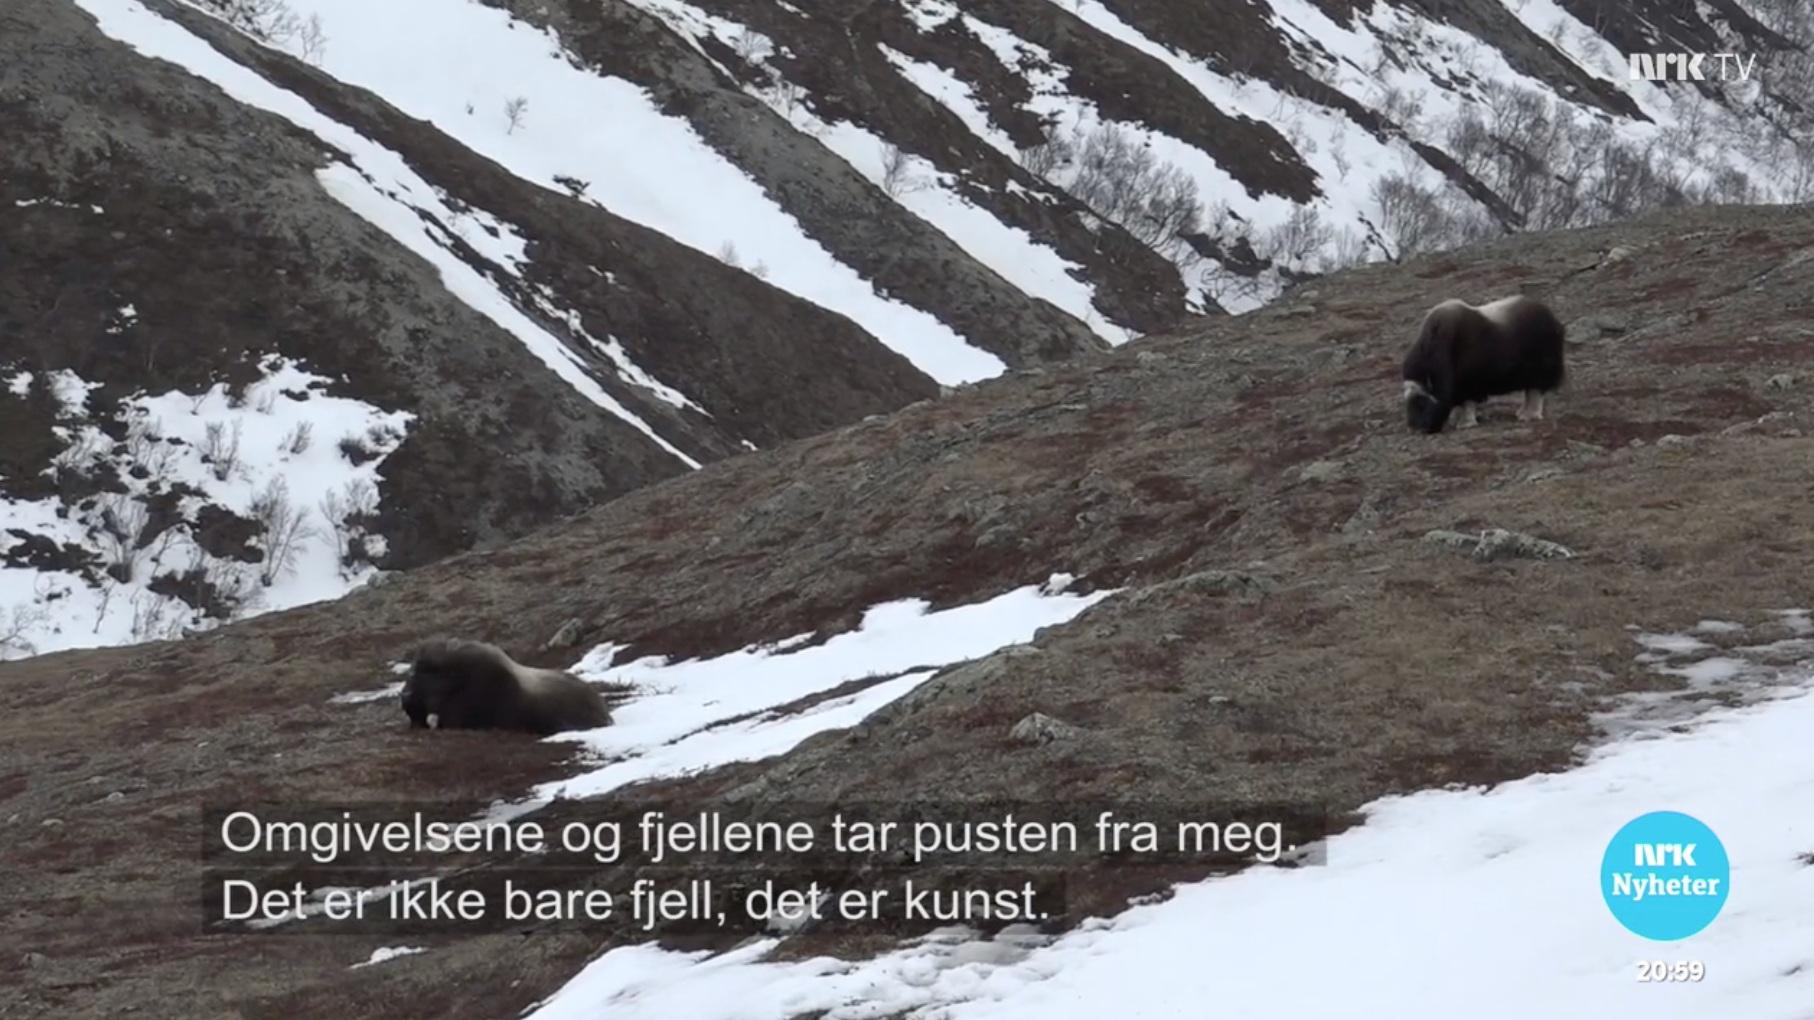 NRK Hedmark og Oppland februar 2019. Klikk på bildet for å se innslag.